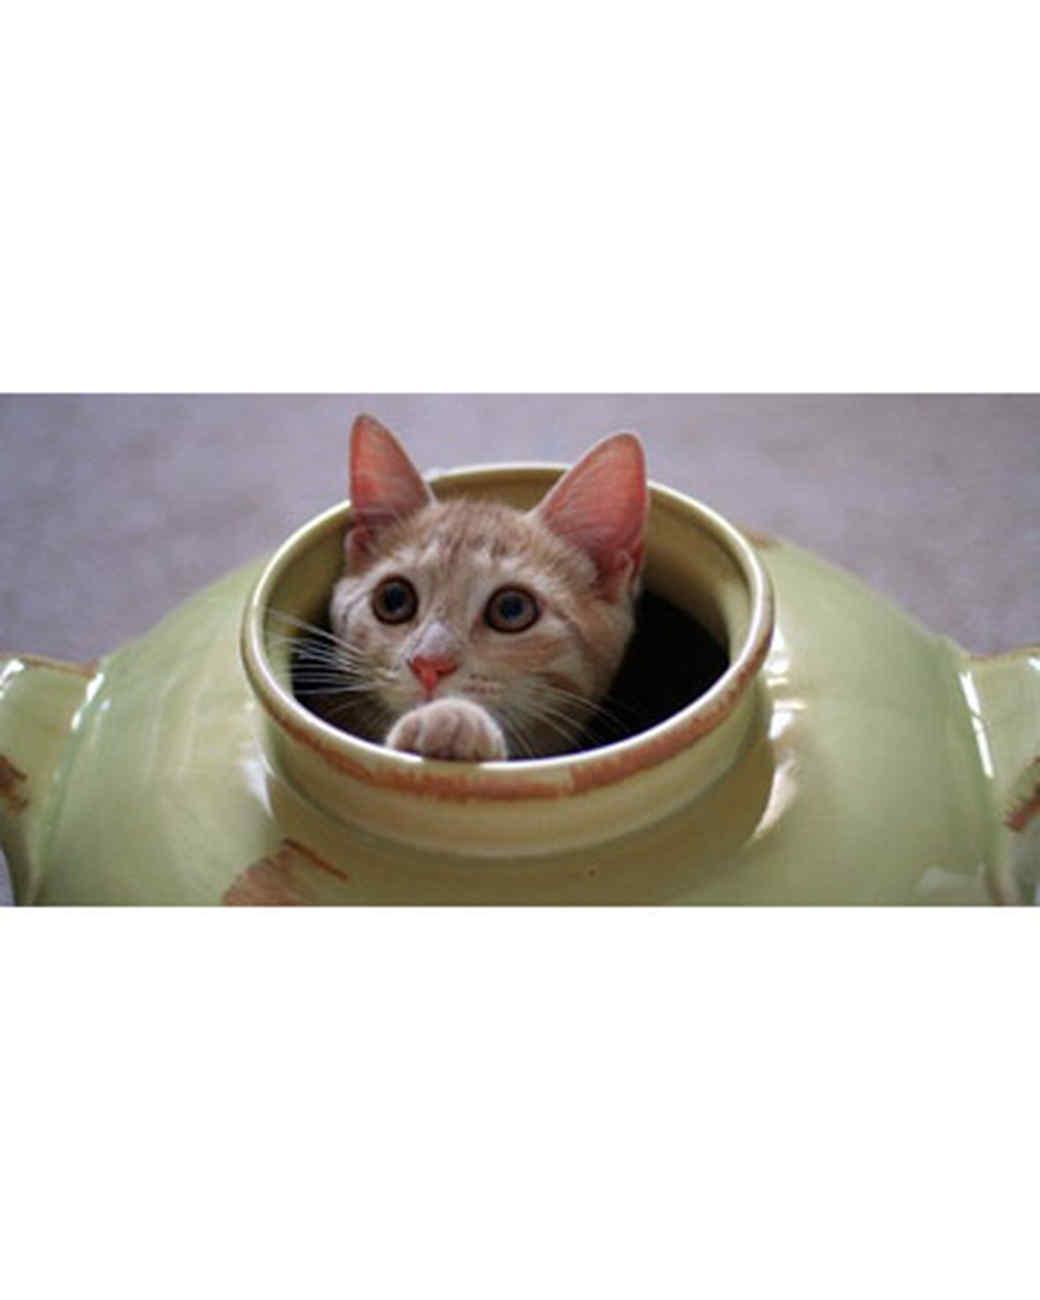 pets_kittens_0610_9482639_11162285.jpg